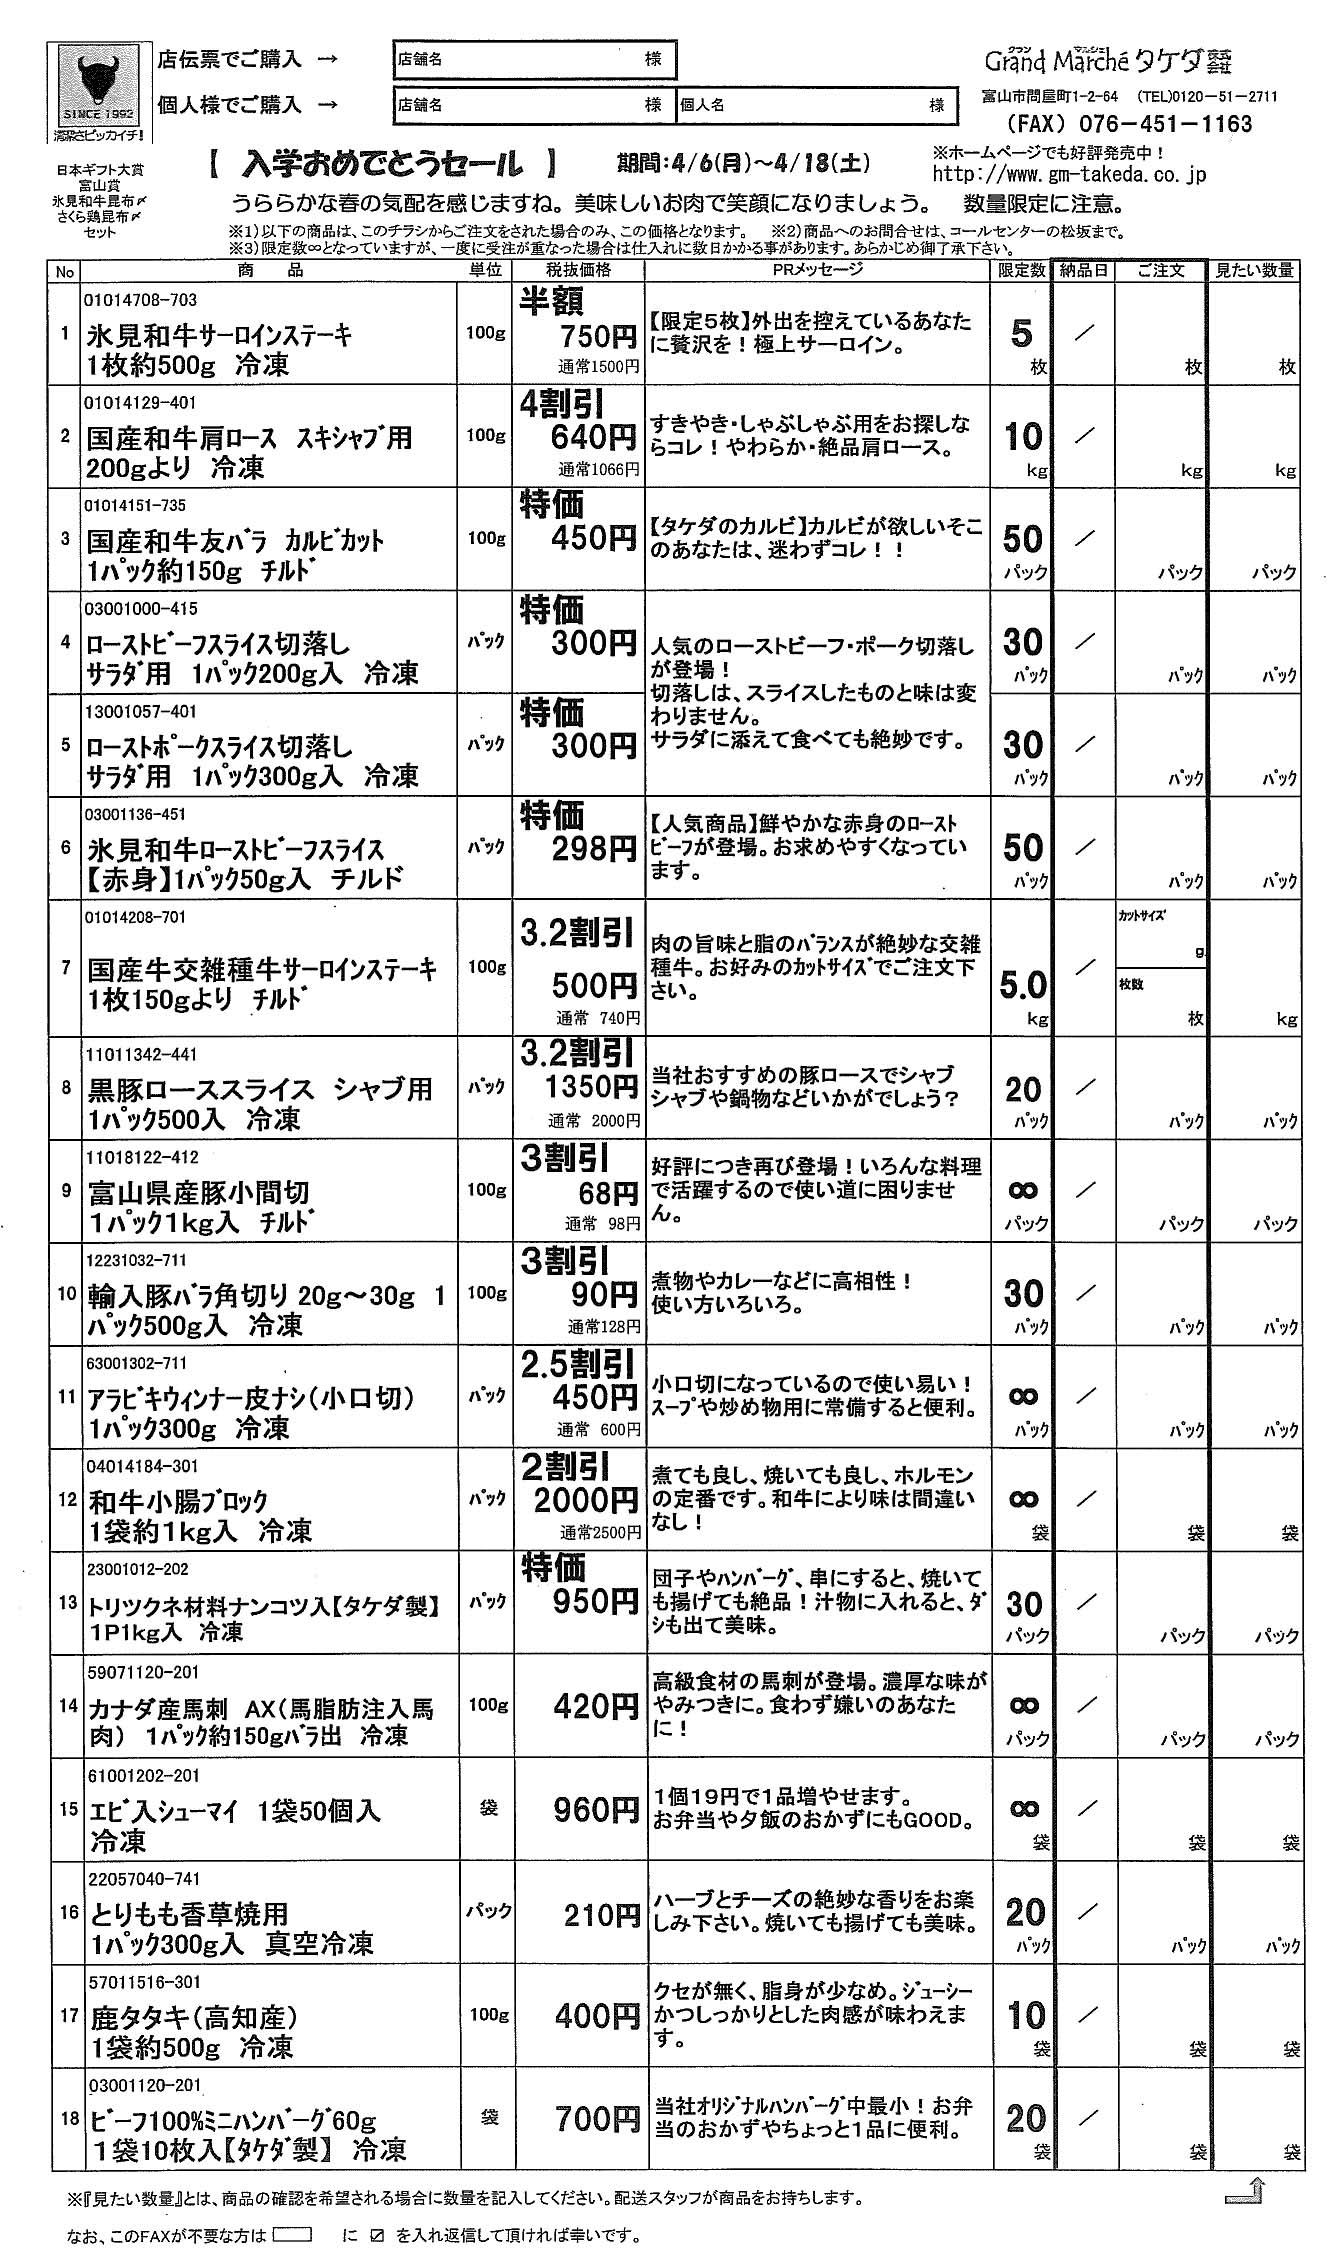 グランマルシェタケダ特売チラシ 入学おめでとうセール